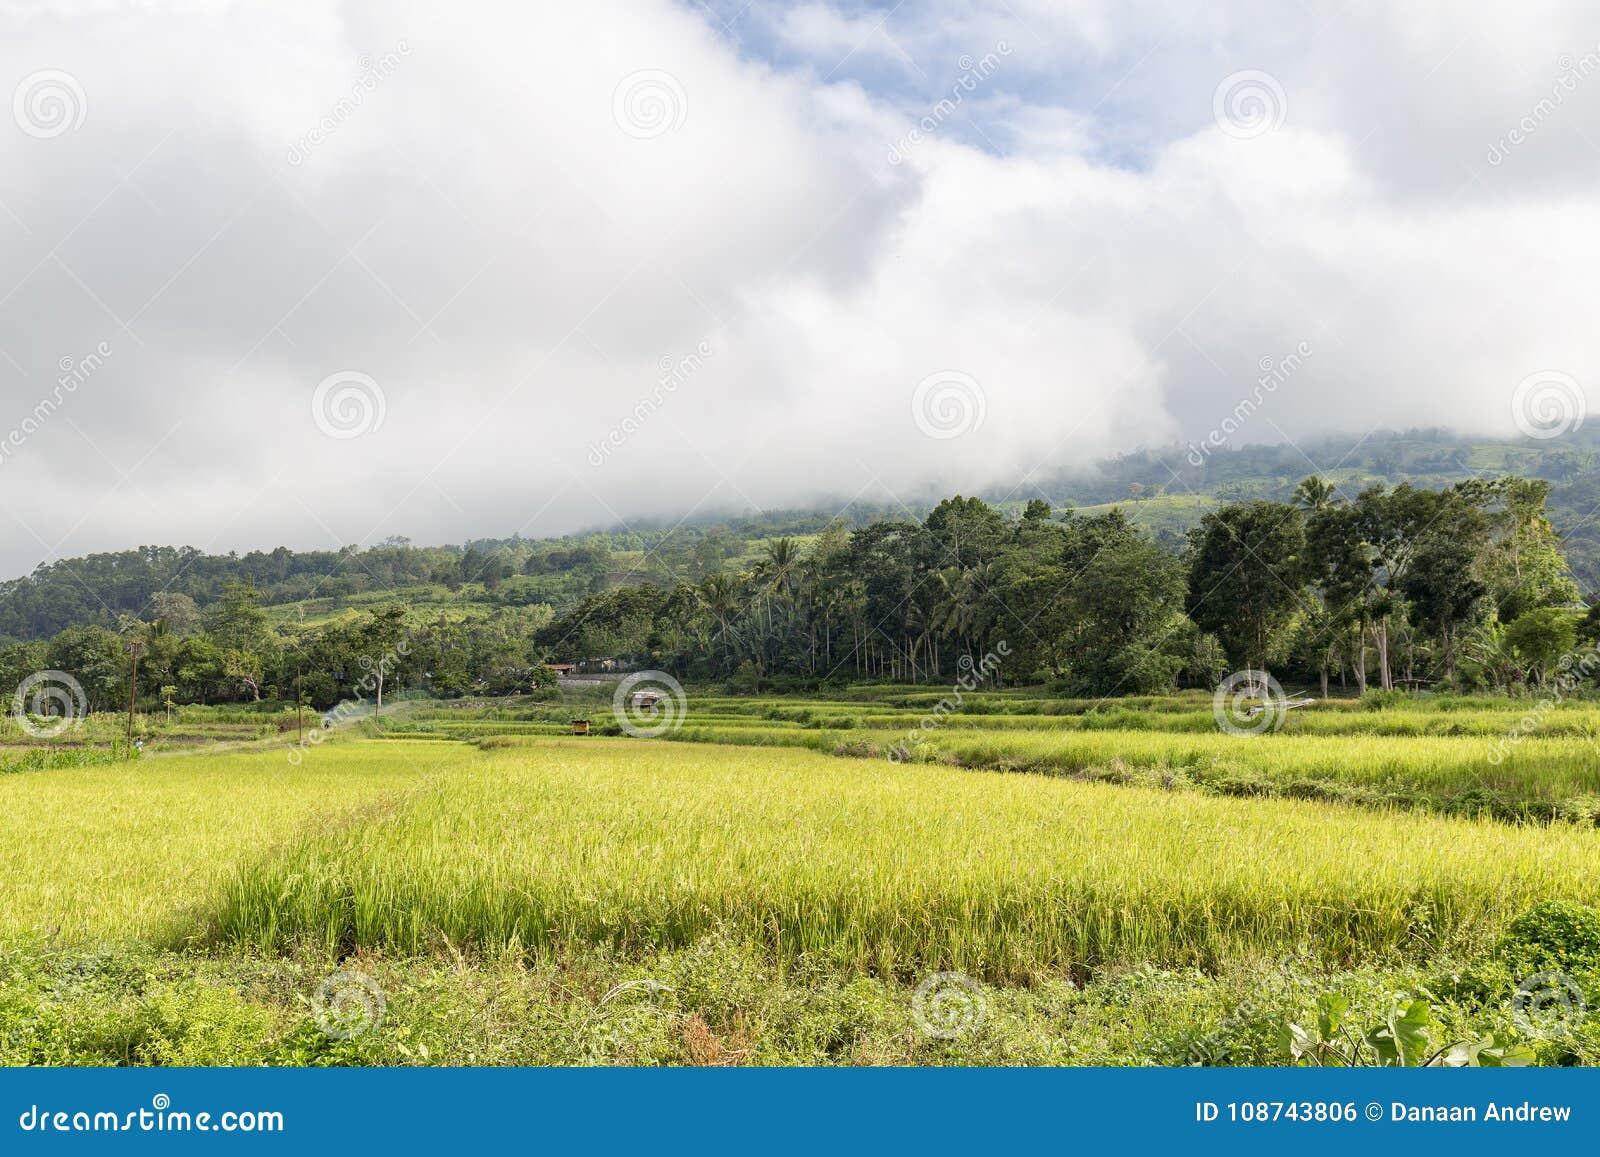 Rice fields in Moni